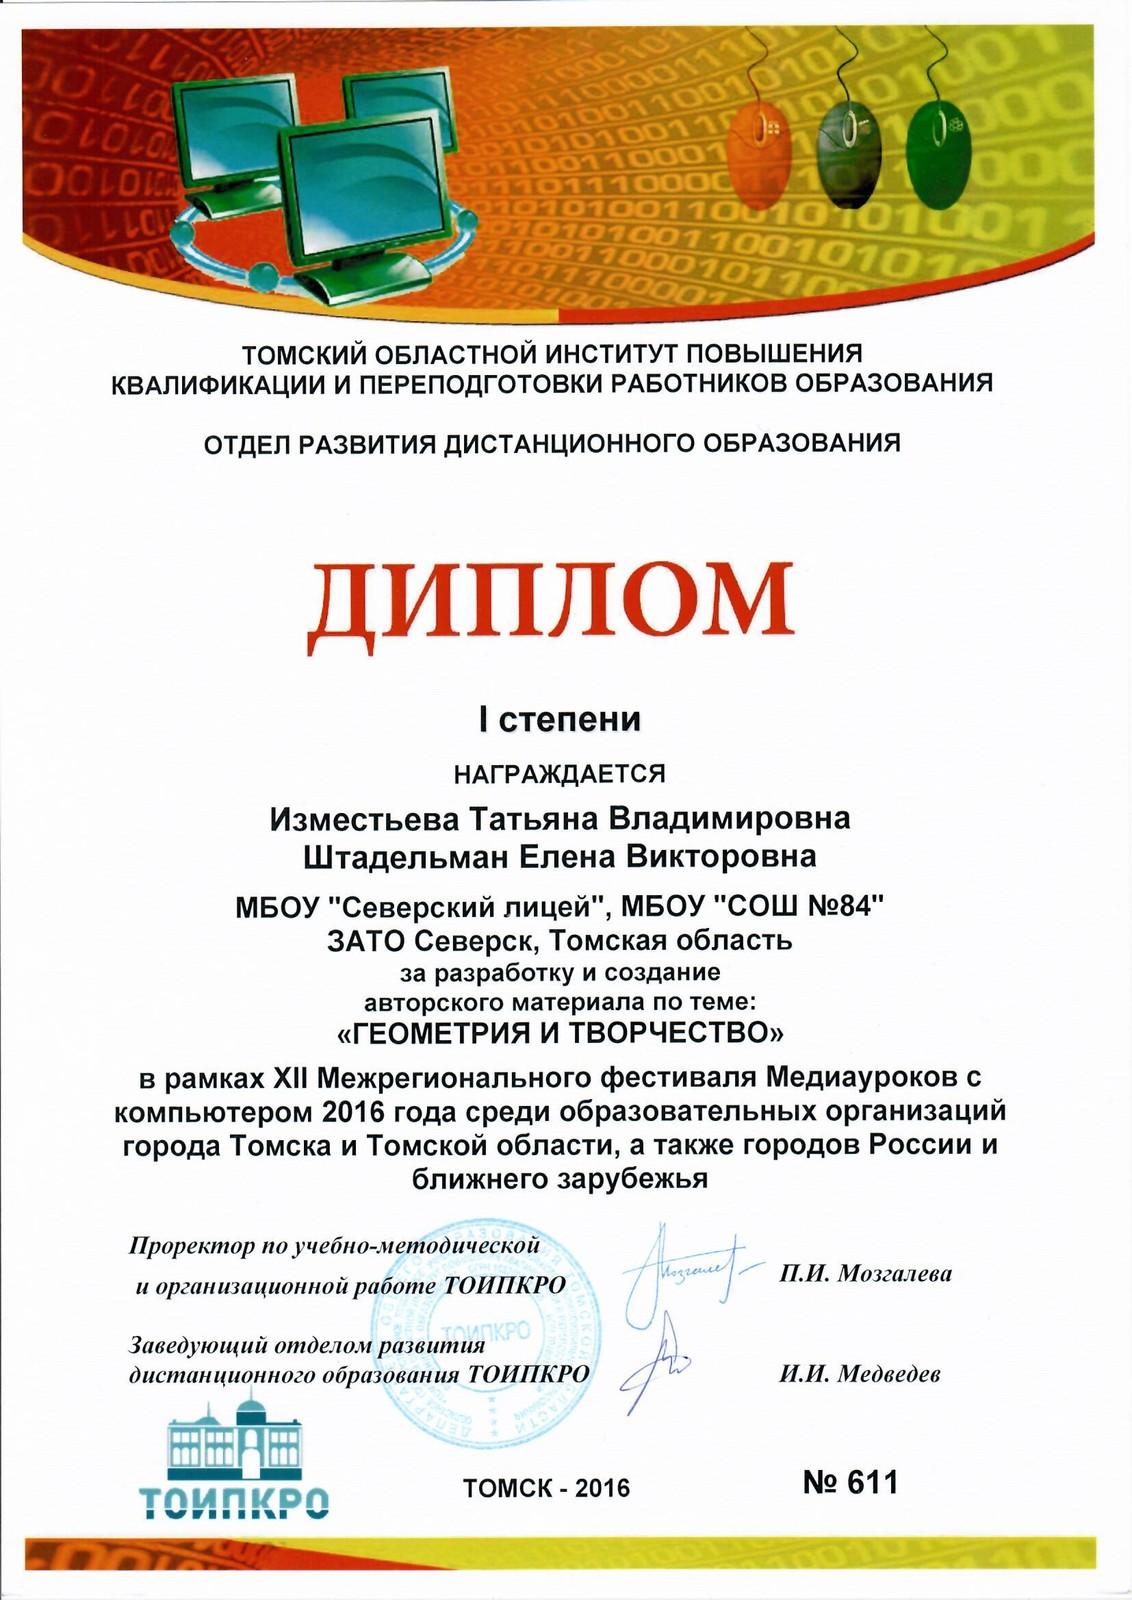 Выдача дубликата диплома о высшем образовании portal ixmotors ru Делим выдача дубликата диплома о высшем образовании полученный результат на число предметов 15 5 3 Пример подсчета